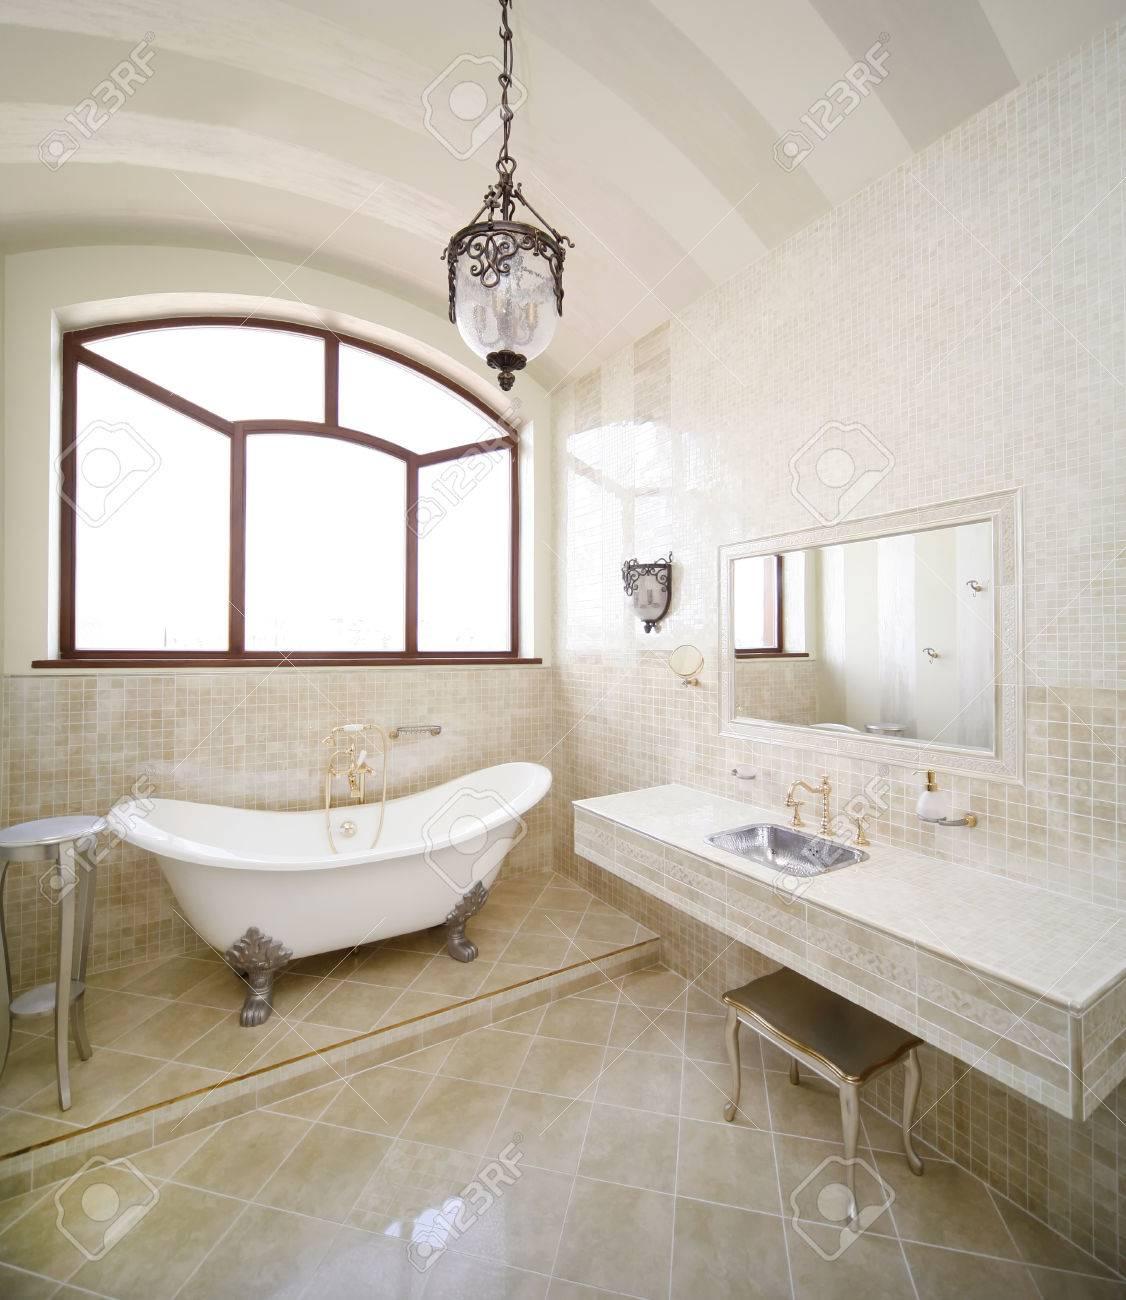 Vintage Salle De Bain De Couleur Beige Avec Un Génie Sanitaire D\'or ...